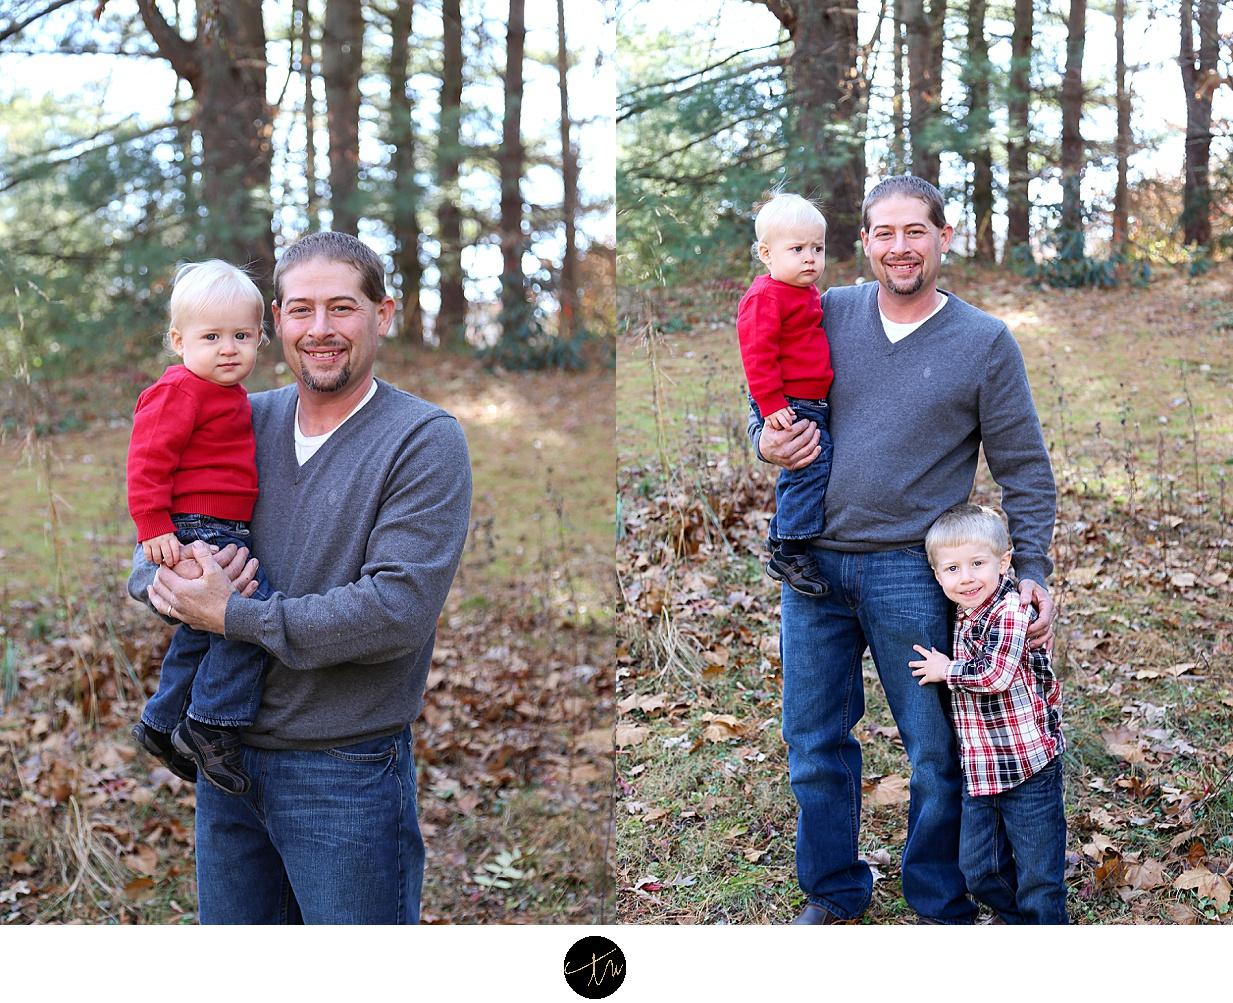 2014-12-13_0006.jpg